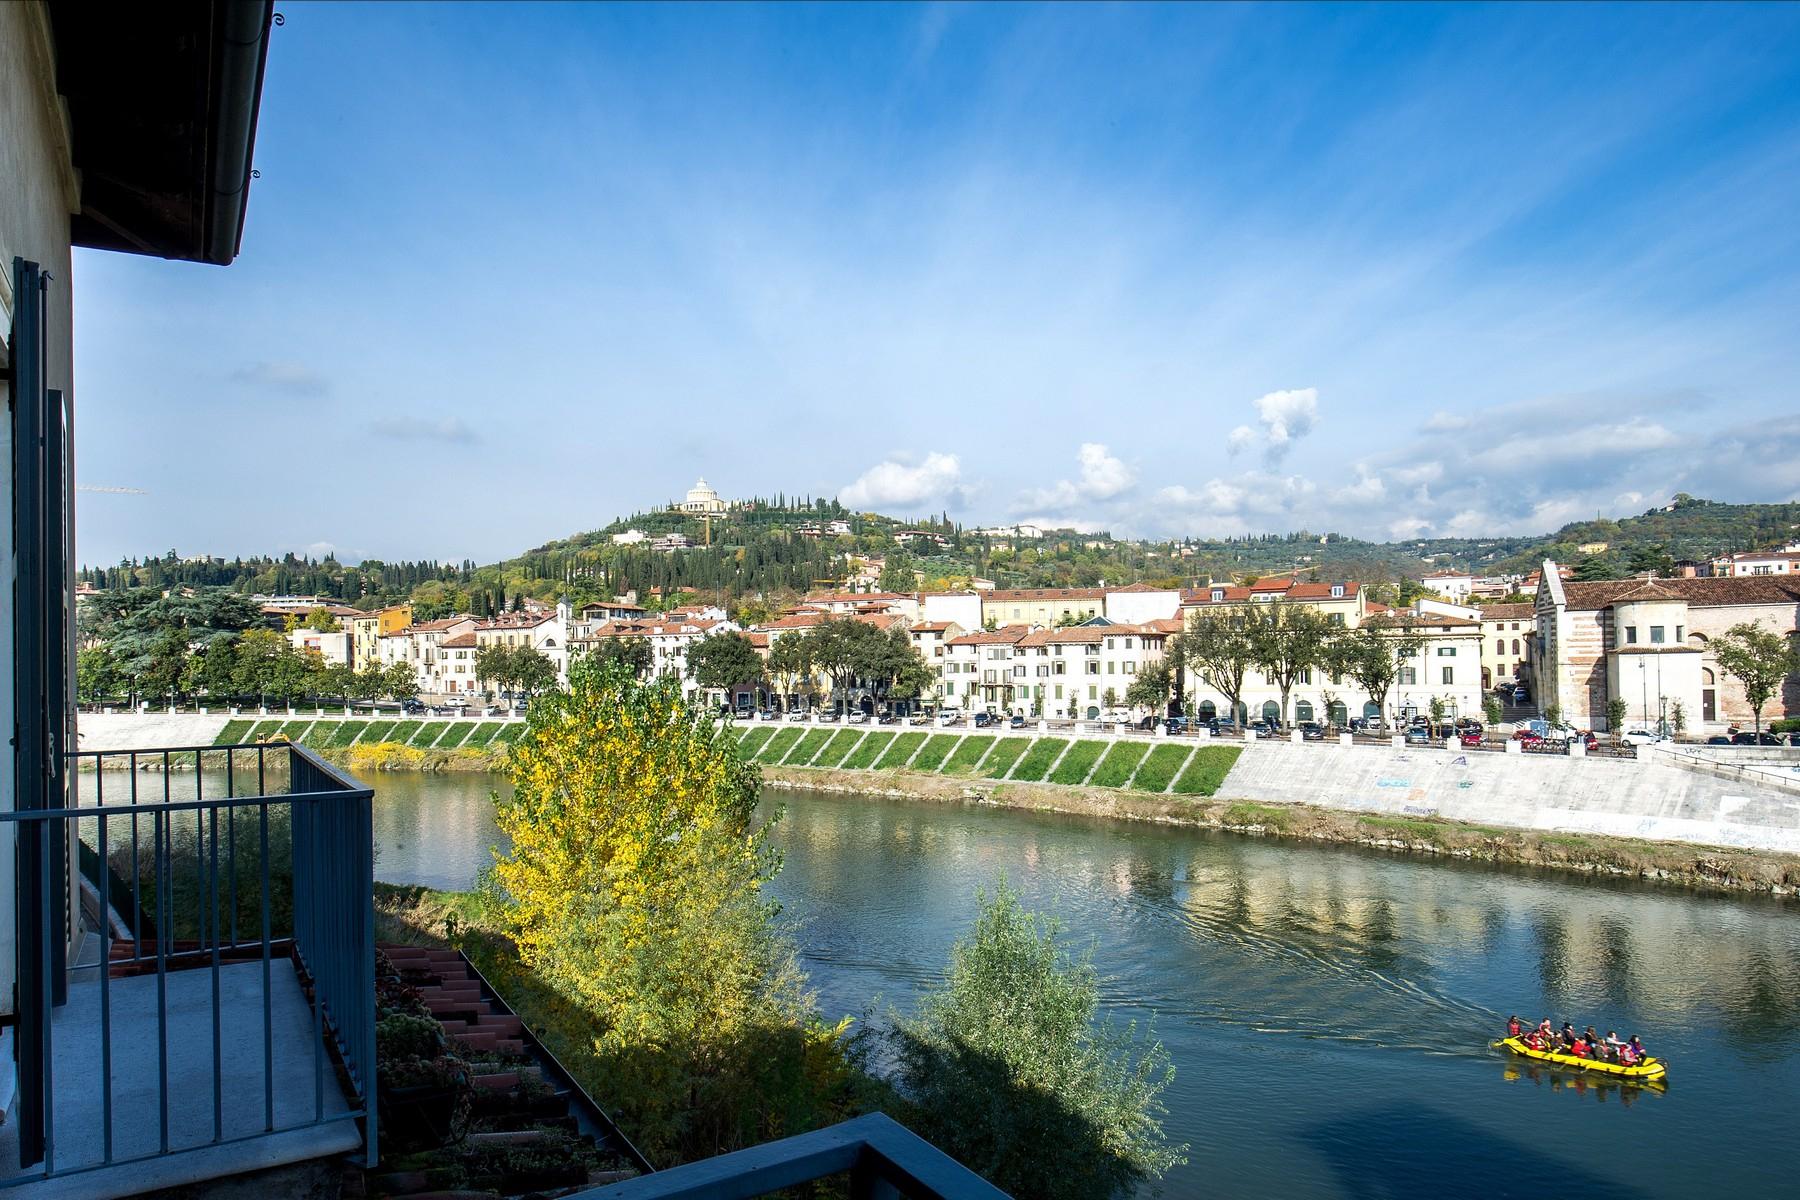 Attico in Vendita a Verona: 5 locali, 480 mq - Foto 6